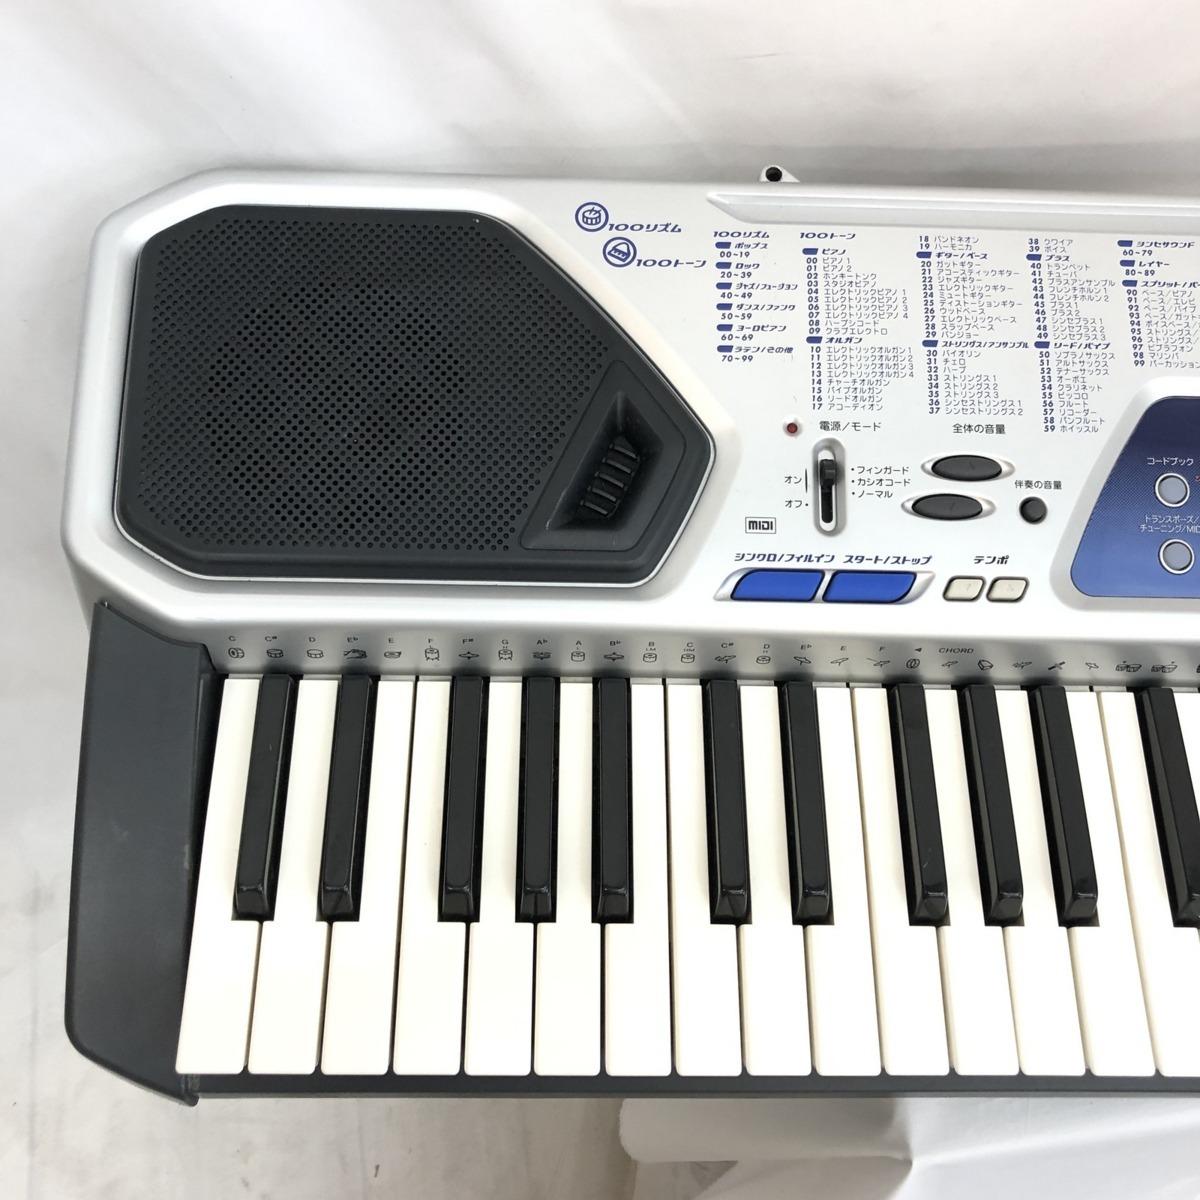 中古 CASIO カシオ 電子キーボード ベーシックキーボード CTK-481 61鍵盤 シルバー 電子ピアノ 鍵盤楽器 アダプター付き H15428_画像5